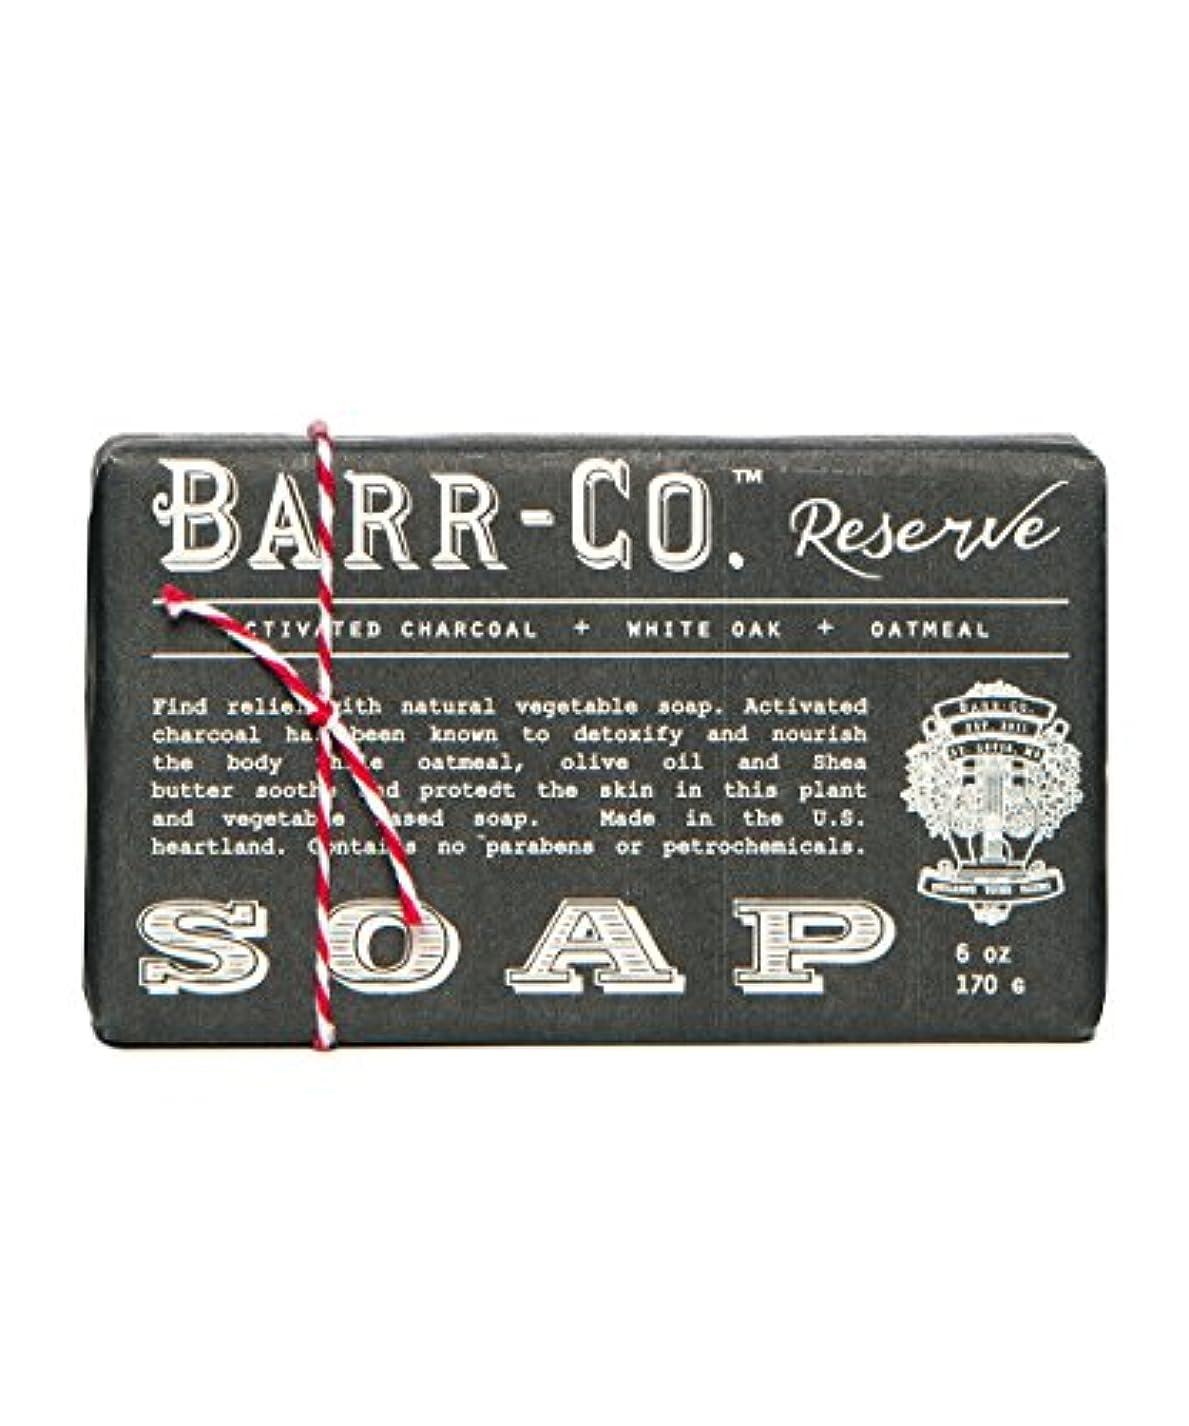 成分お誕生日抑制するバーコ(BARR-CO.) バーソープ リザーブ